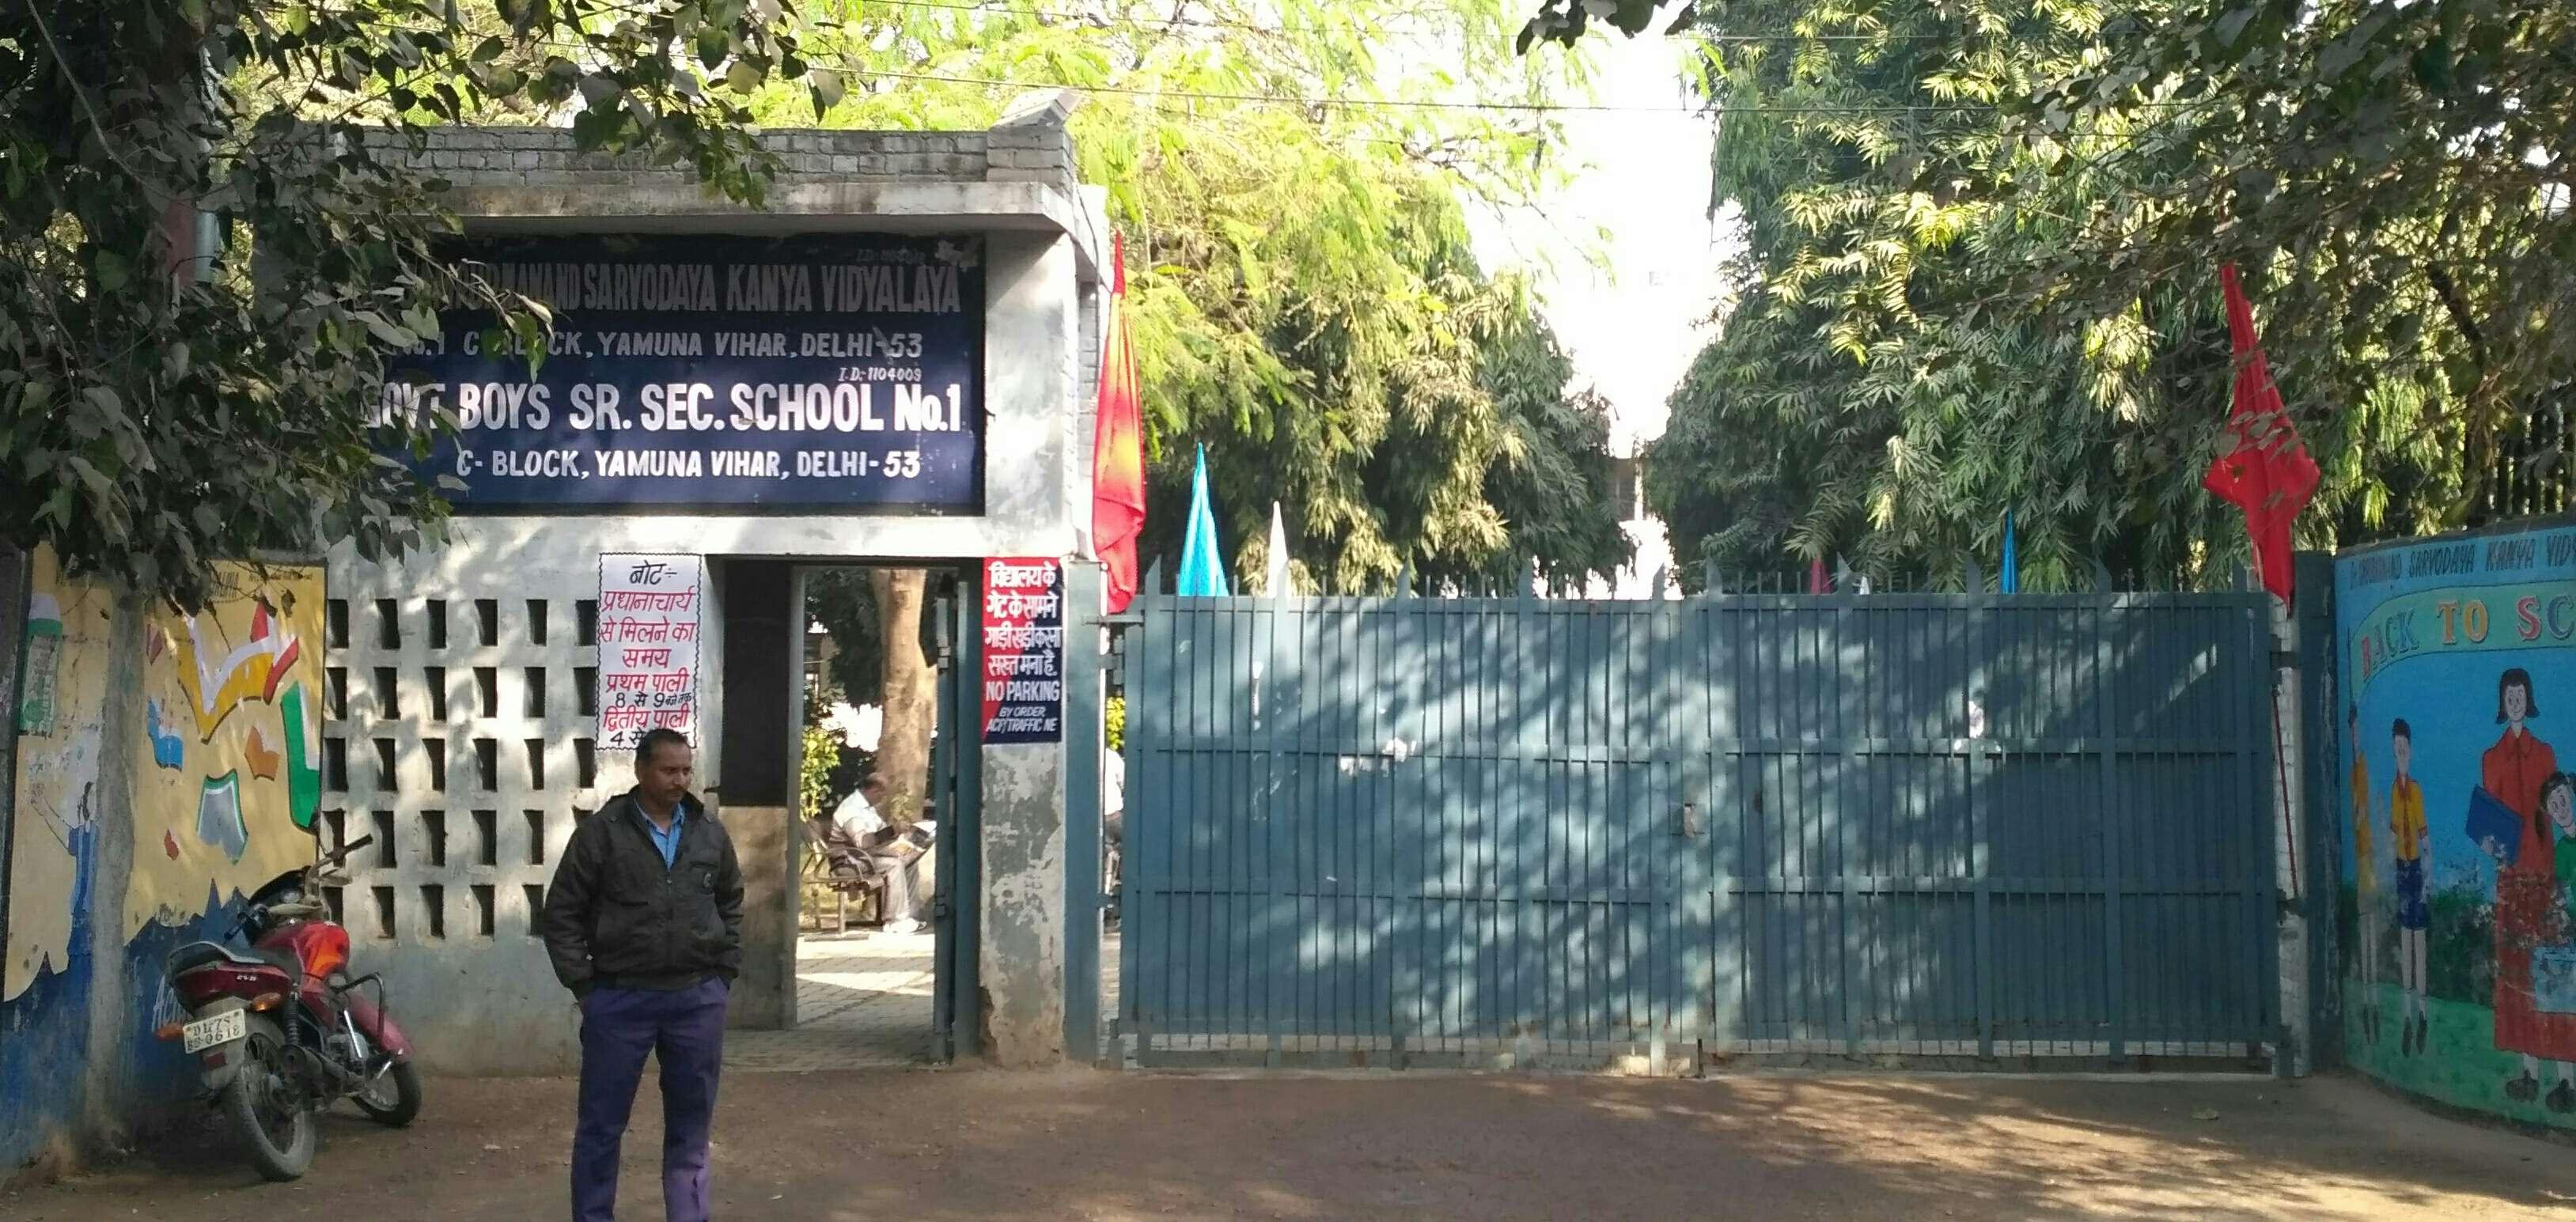 SAMPURNANDA GOVT SARVODAYA GIRLS SR SEC SCHOOL C BLOCK YAMUNA VIHAR DELHI 2762032